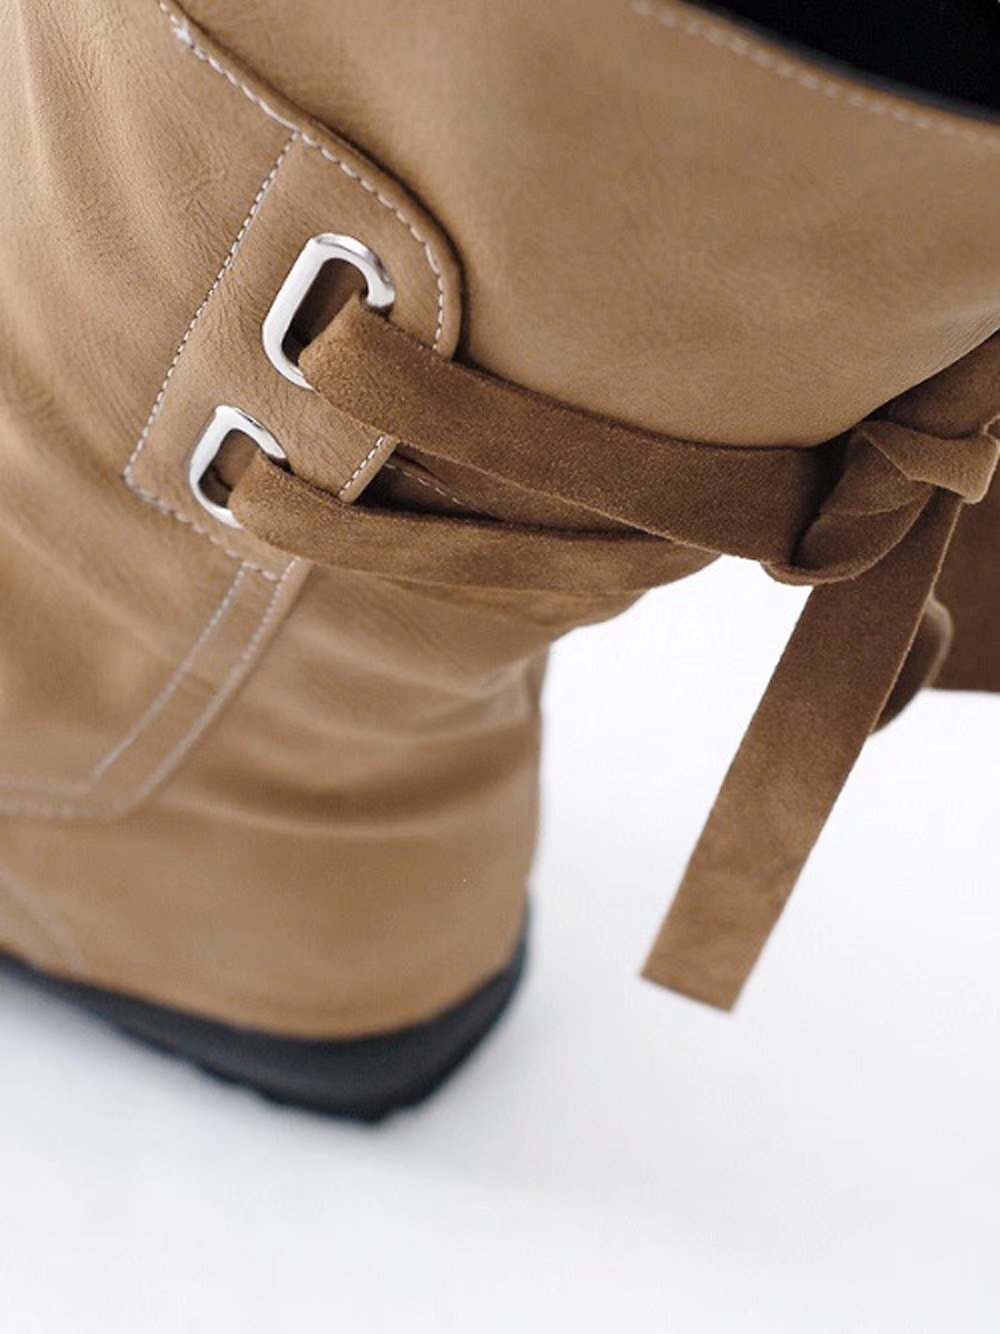 Leoy88 Moda mujer Shelly Wide Calf Botas planas con cordones de cuero  Artificial hasta la rodilla marrón 06c3aca1cde